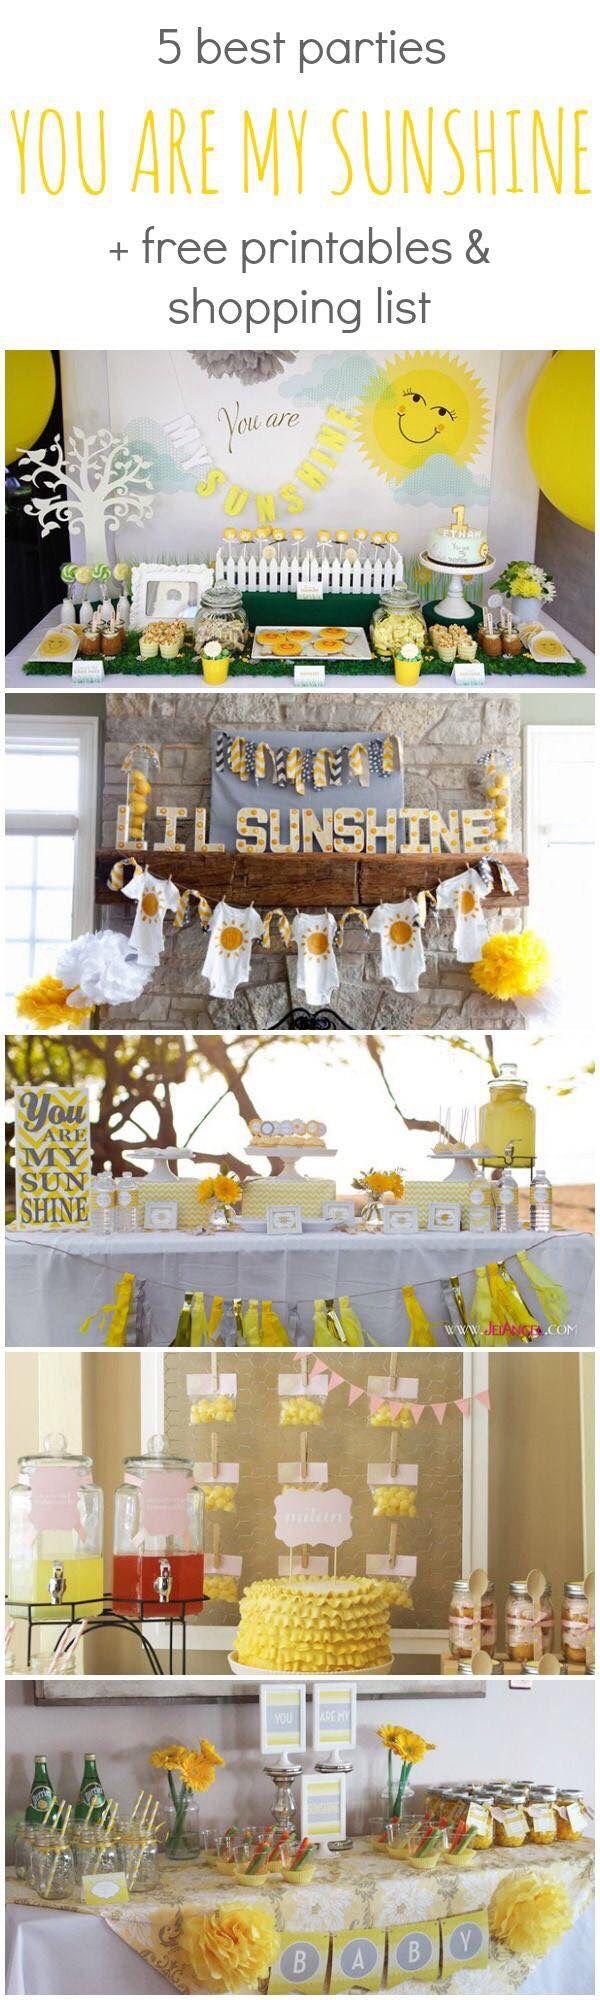 Yellow baby shower theme